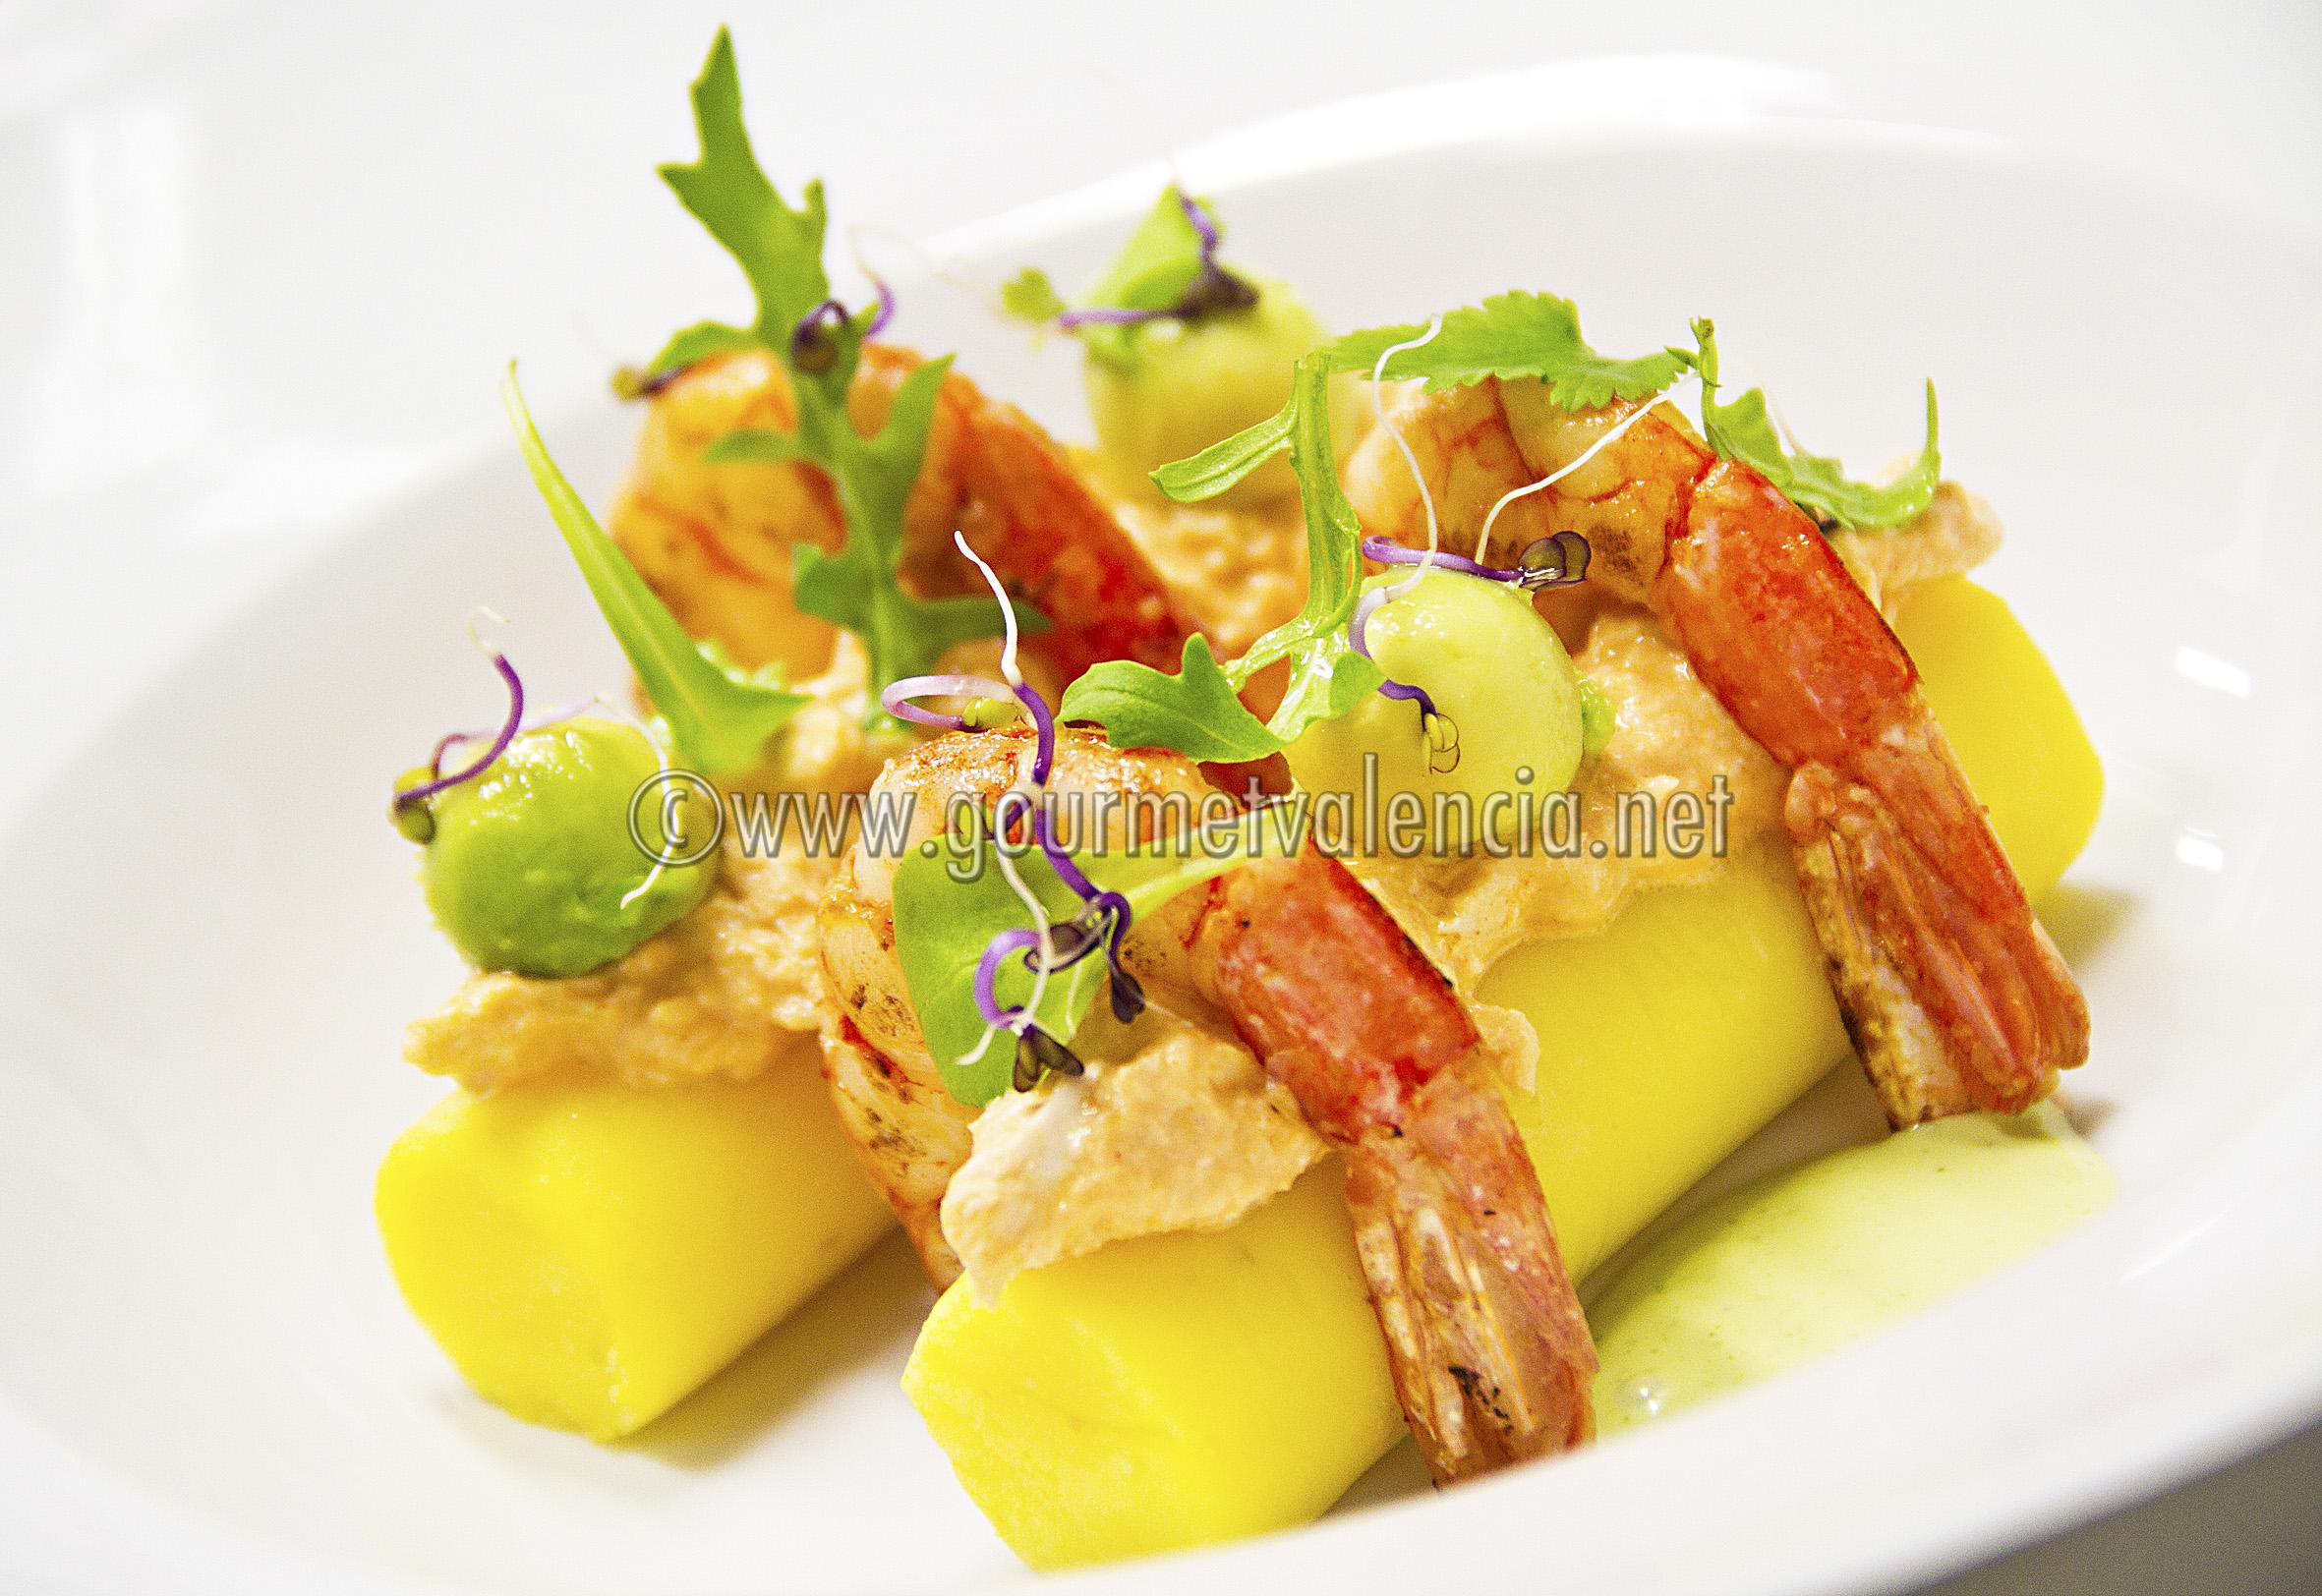 Comida latinoamericana con un toque gourmet gourmetvalencia for Platos gourmet